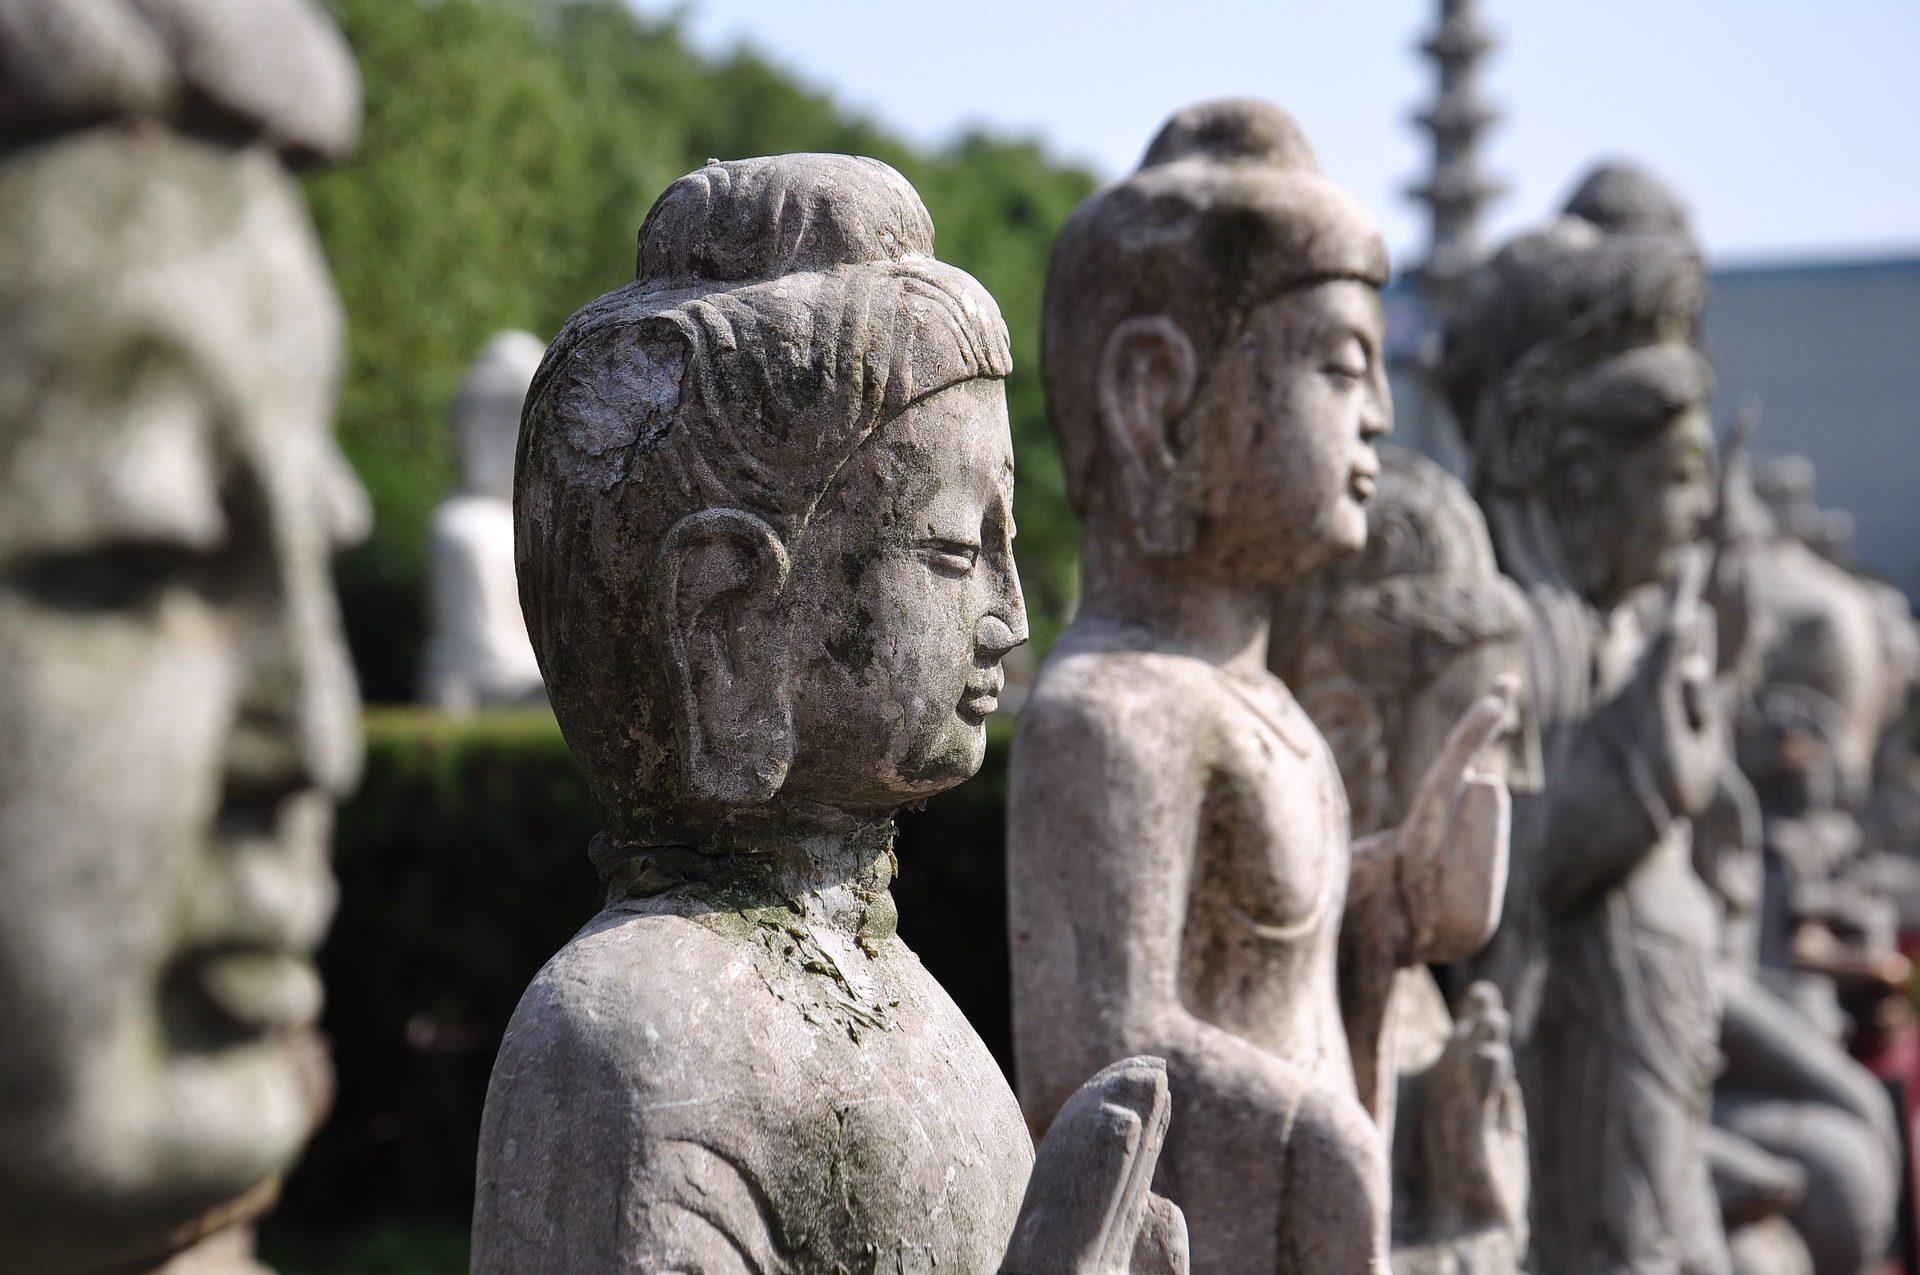 estátuas, Buda, Pedra, Parque de Zhou, China - Papéis de parede HD - Professor-falken.com